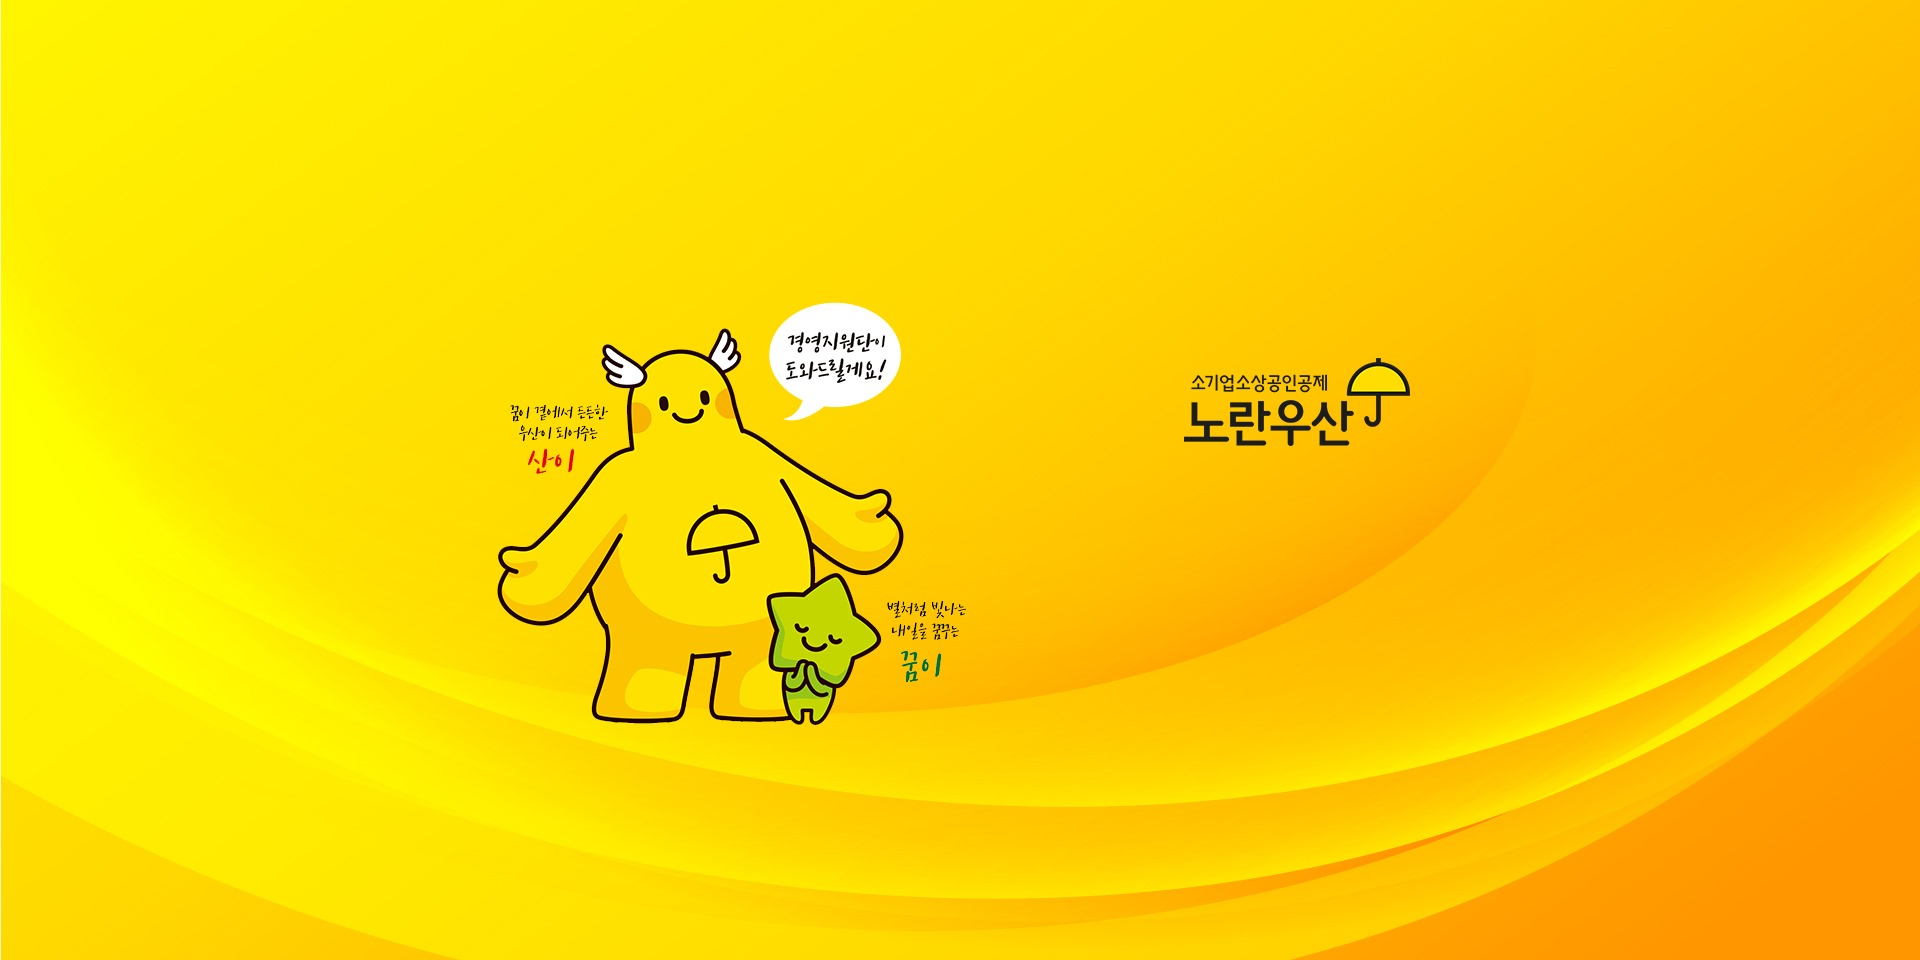 노란우산 경영지원단